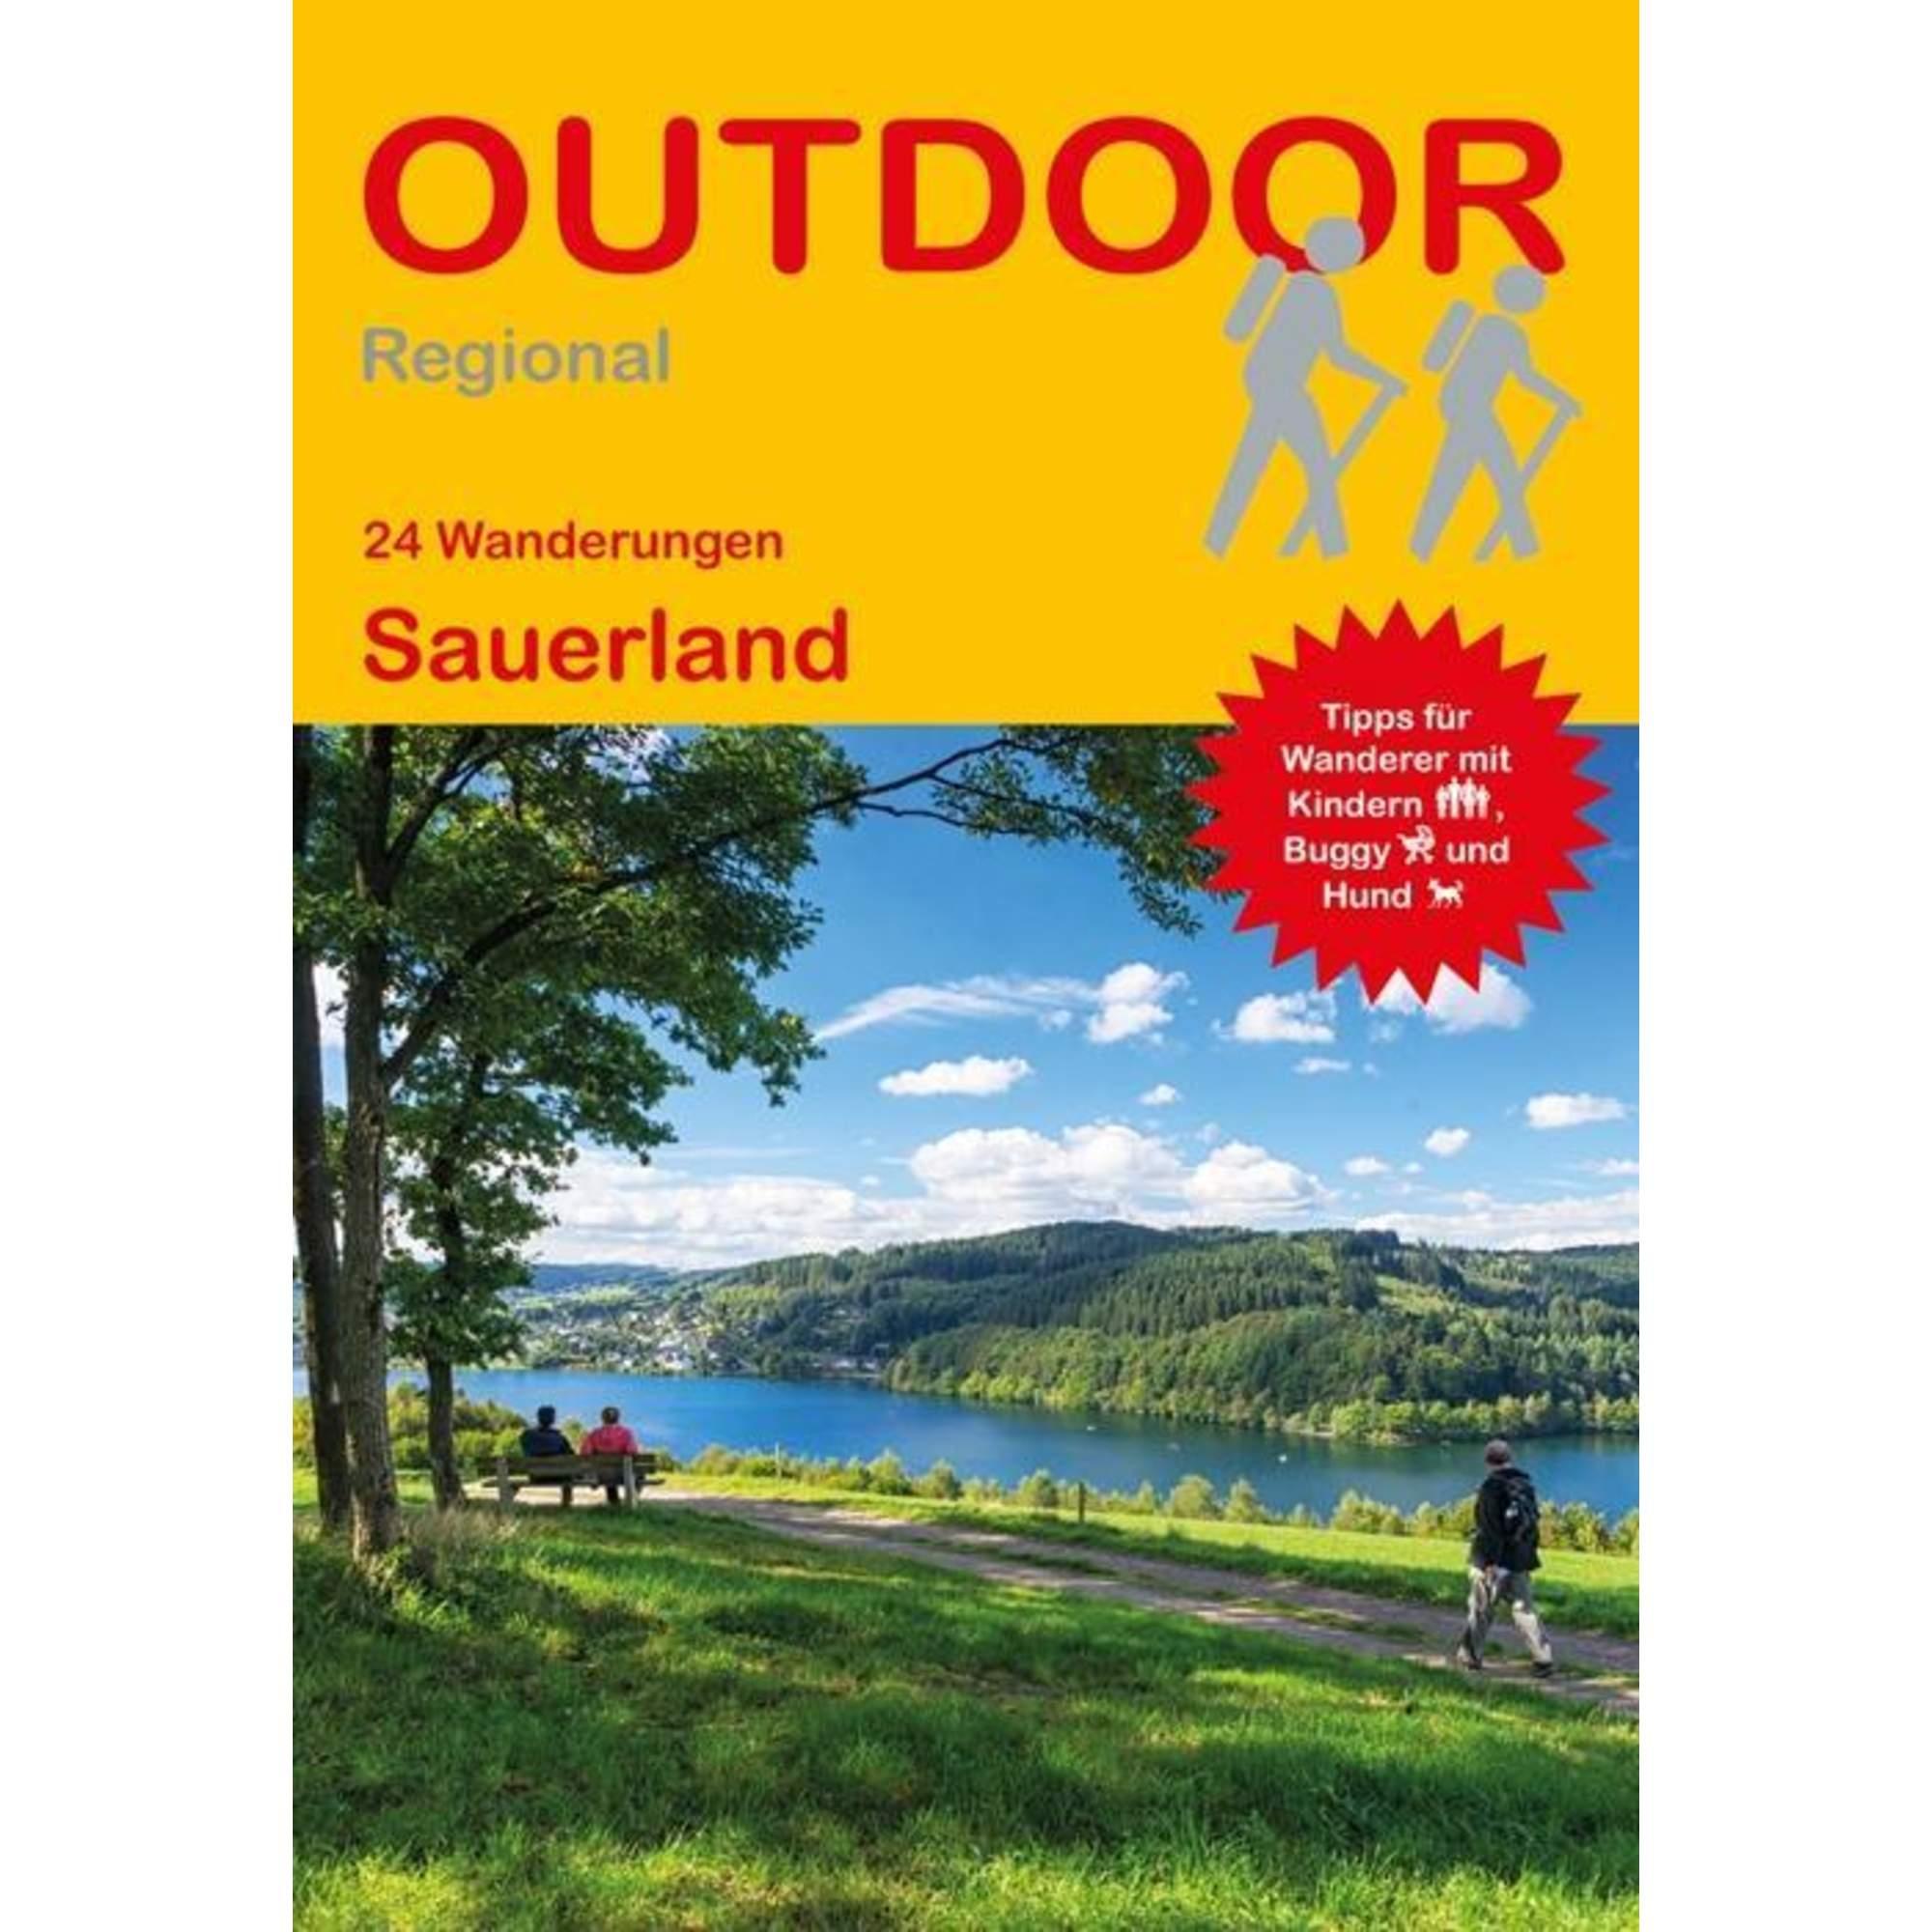 24 Wanderungen Sauerland, 12,90 Euro